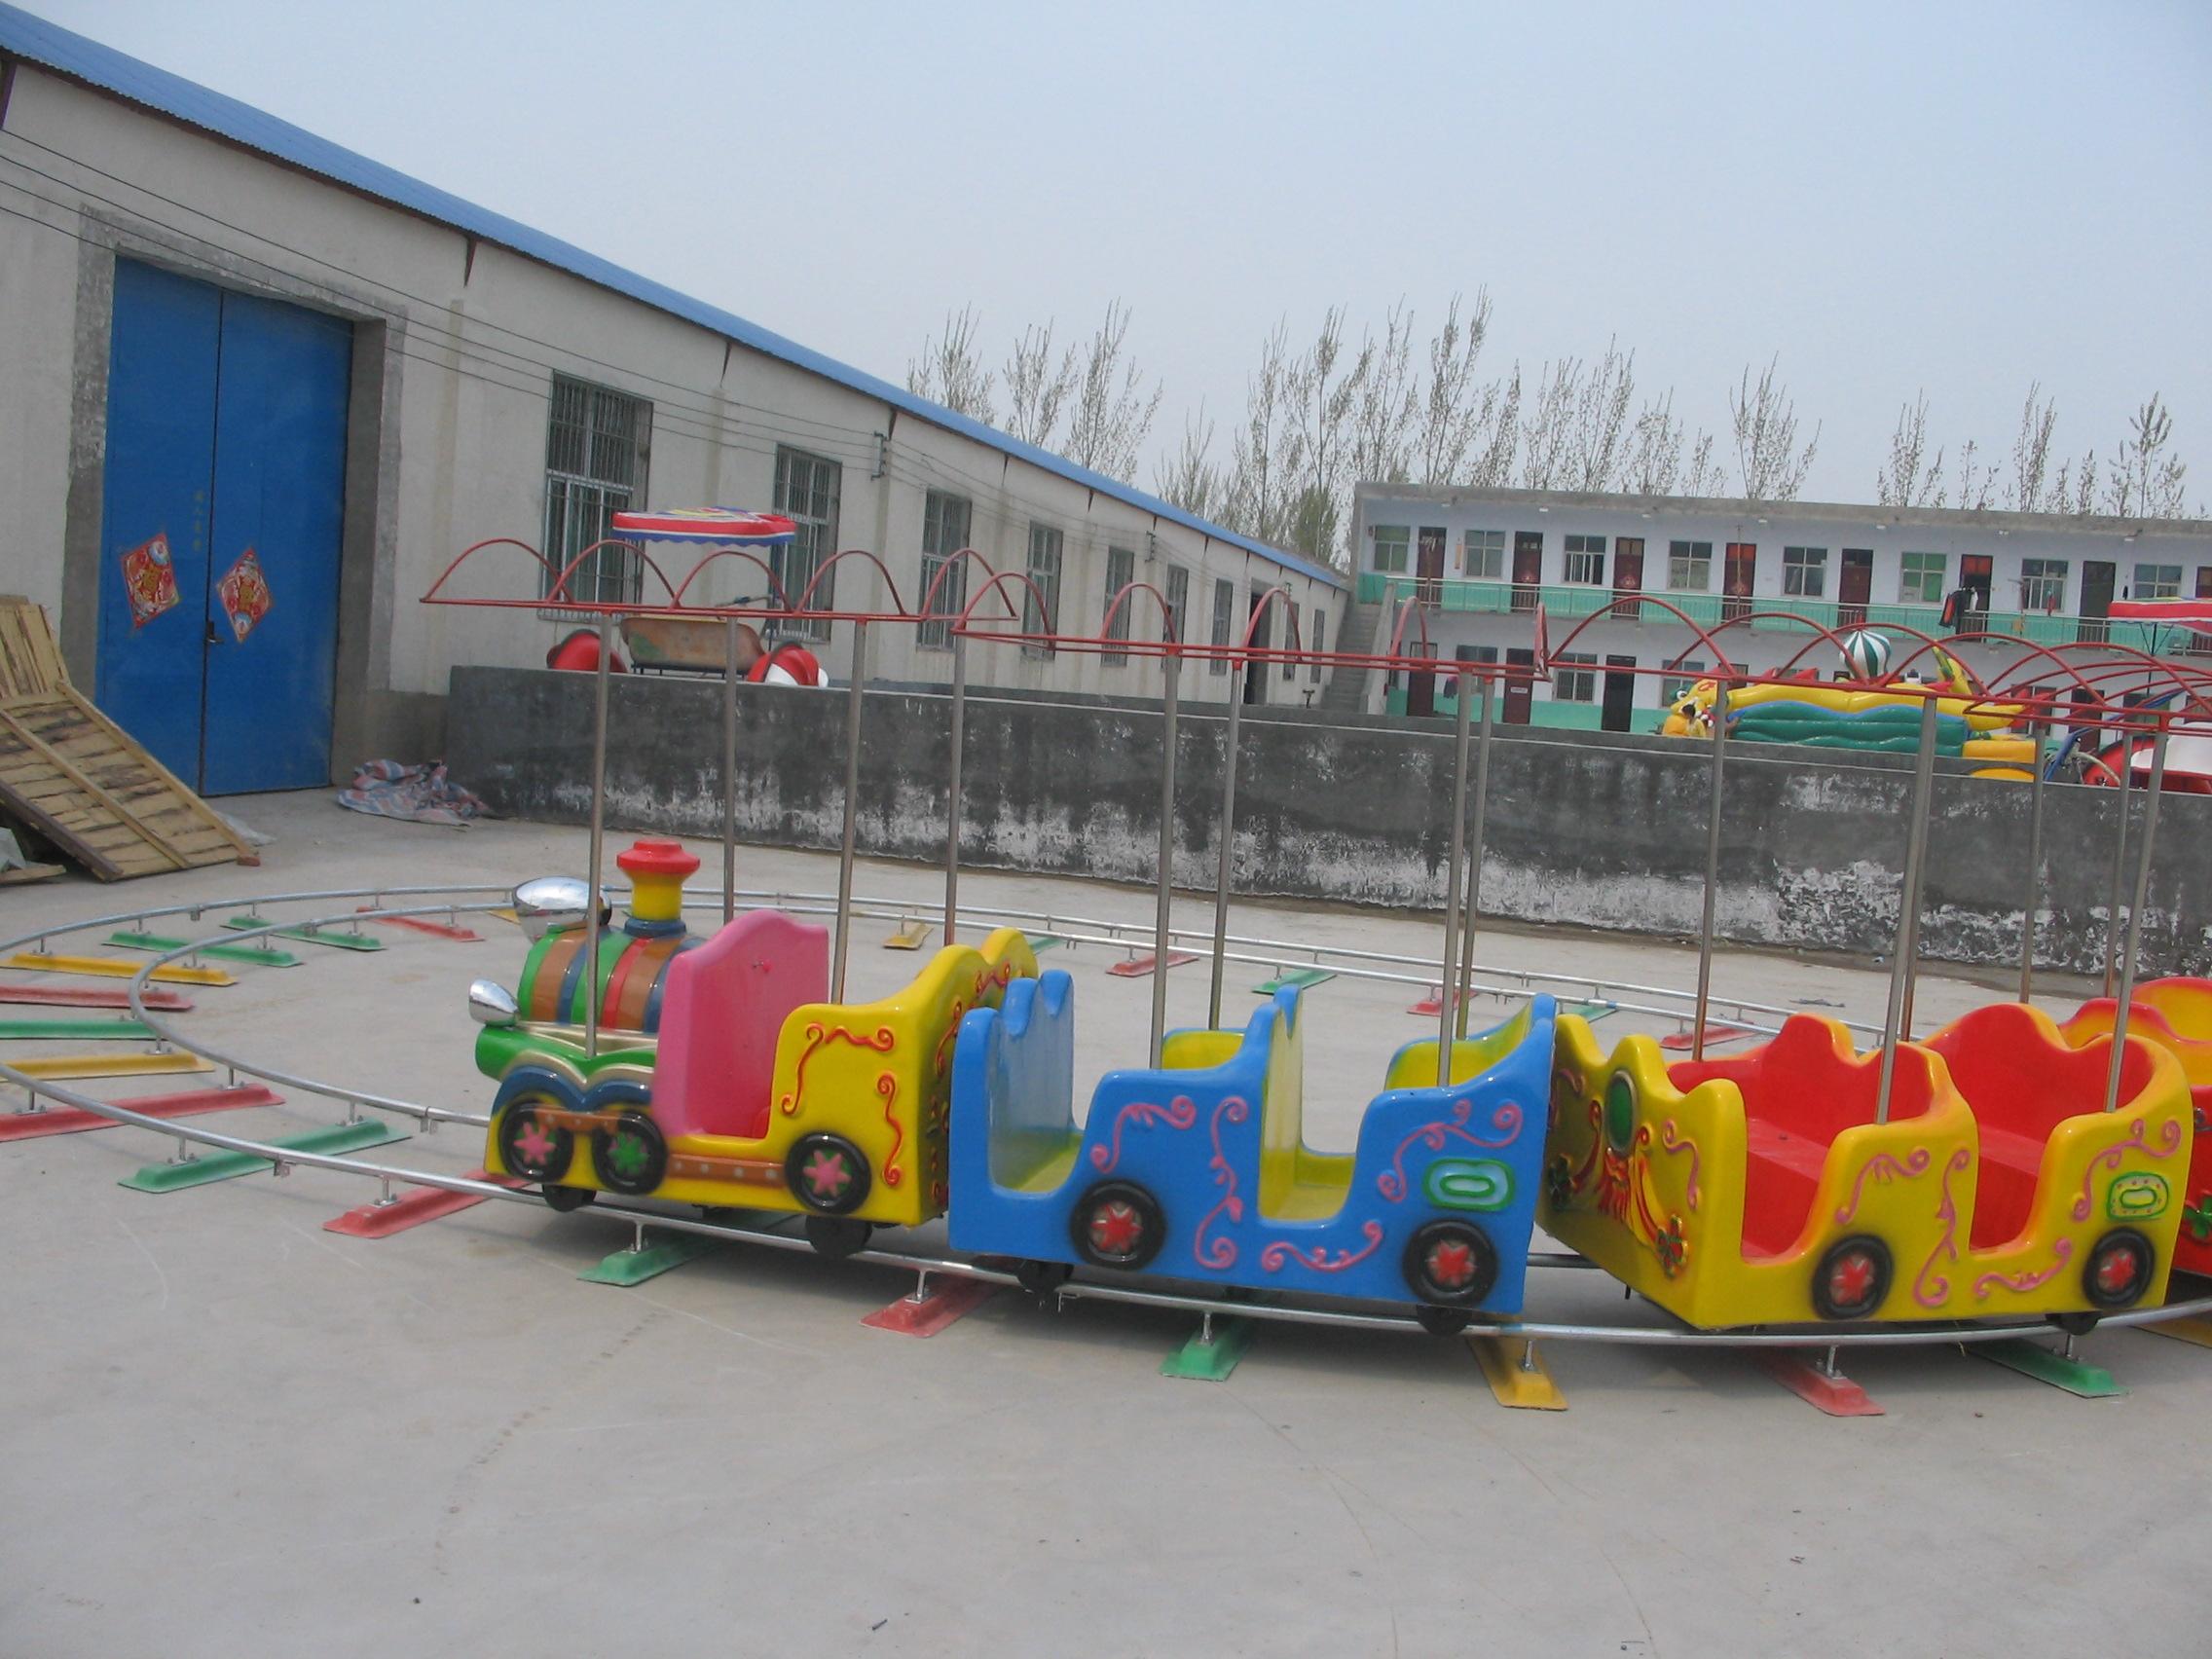 规格:4节4座,4节8座,4节14座等。 轨道火车又叫儿童小火车,是模仿正规火车而制作的以火车头在前、后面跟着数节类似摇摆机款式的卡通座位供儿童玩乐的机械玩具。轨道由正规钢轨组成,车型可按需求随意更换,由开启电柜输入电流到轨道供火车开动。适应于公园、幼儿园 使用方法:轨道做成后铺设在地下,然后上面摆放几台小火车,再由开关启动后,这些串联起来的小火车就可以在指向的轨道上面慢慢地滑动了,而且在滑动的时候,小朋友们可以对周边一些动物造型进行射击,射击中这些假的动物后,它们便会发出动物特有的叫声,让人真切的感受到